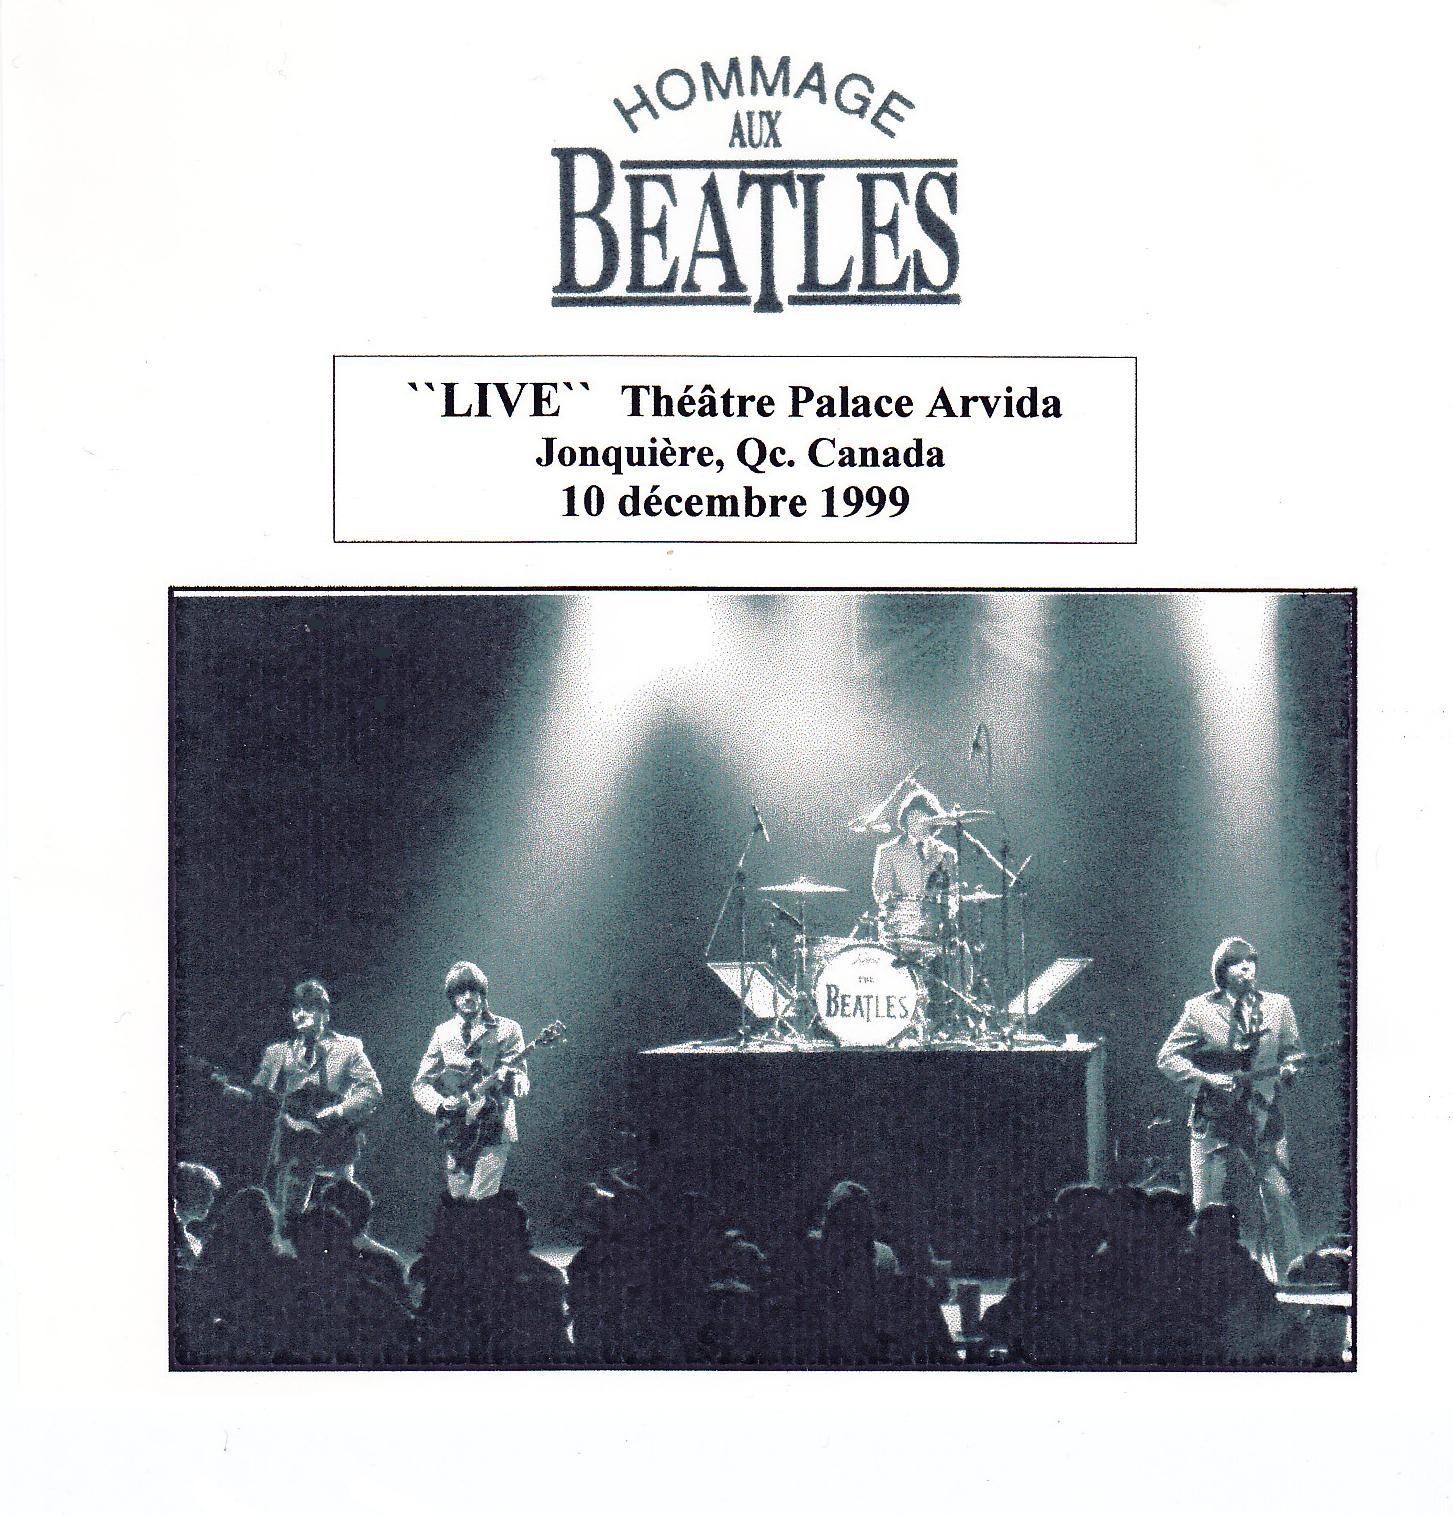 1999-hommage-aux-beatles-live